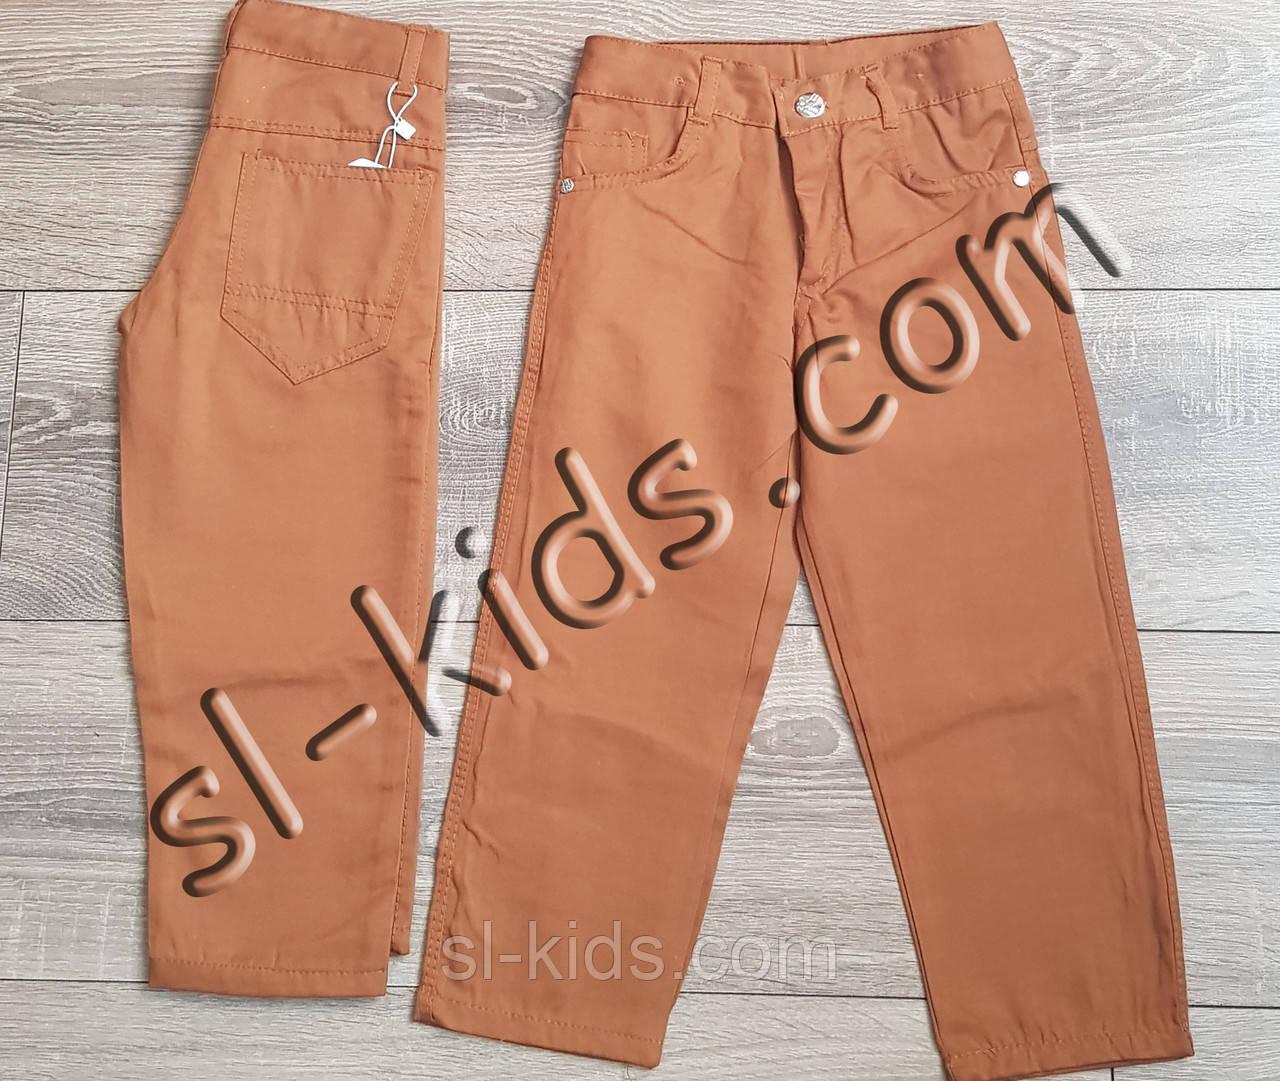 Яркие штаны для мальчика 3-7 лет(коричневые) опт пр.Турция